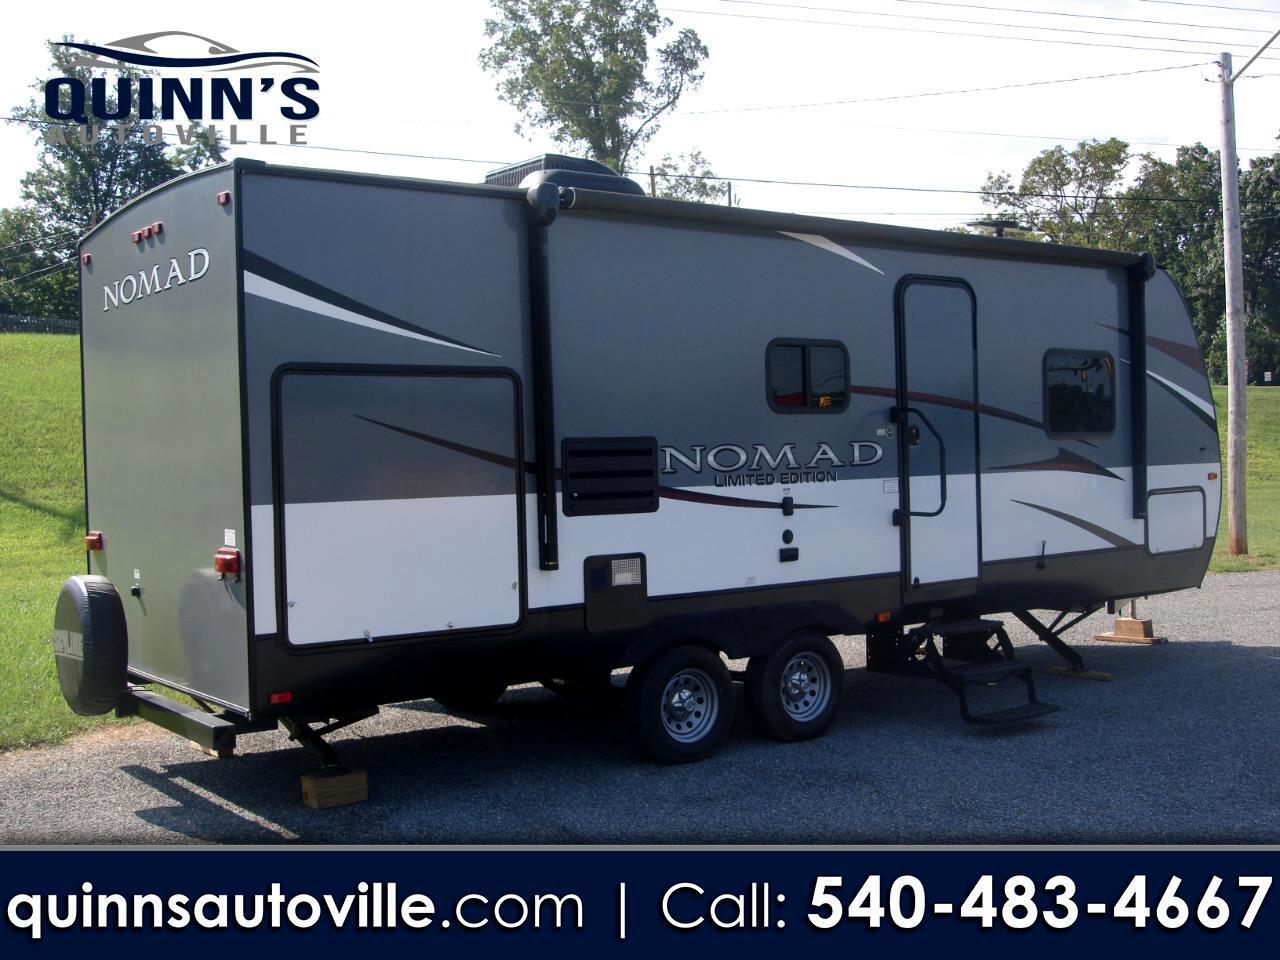 Skyline Nomad Pull Behind Camper 2016